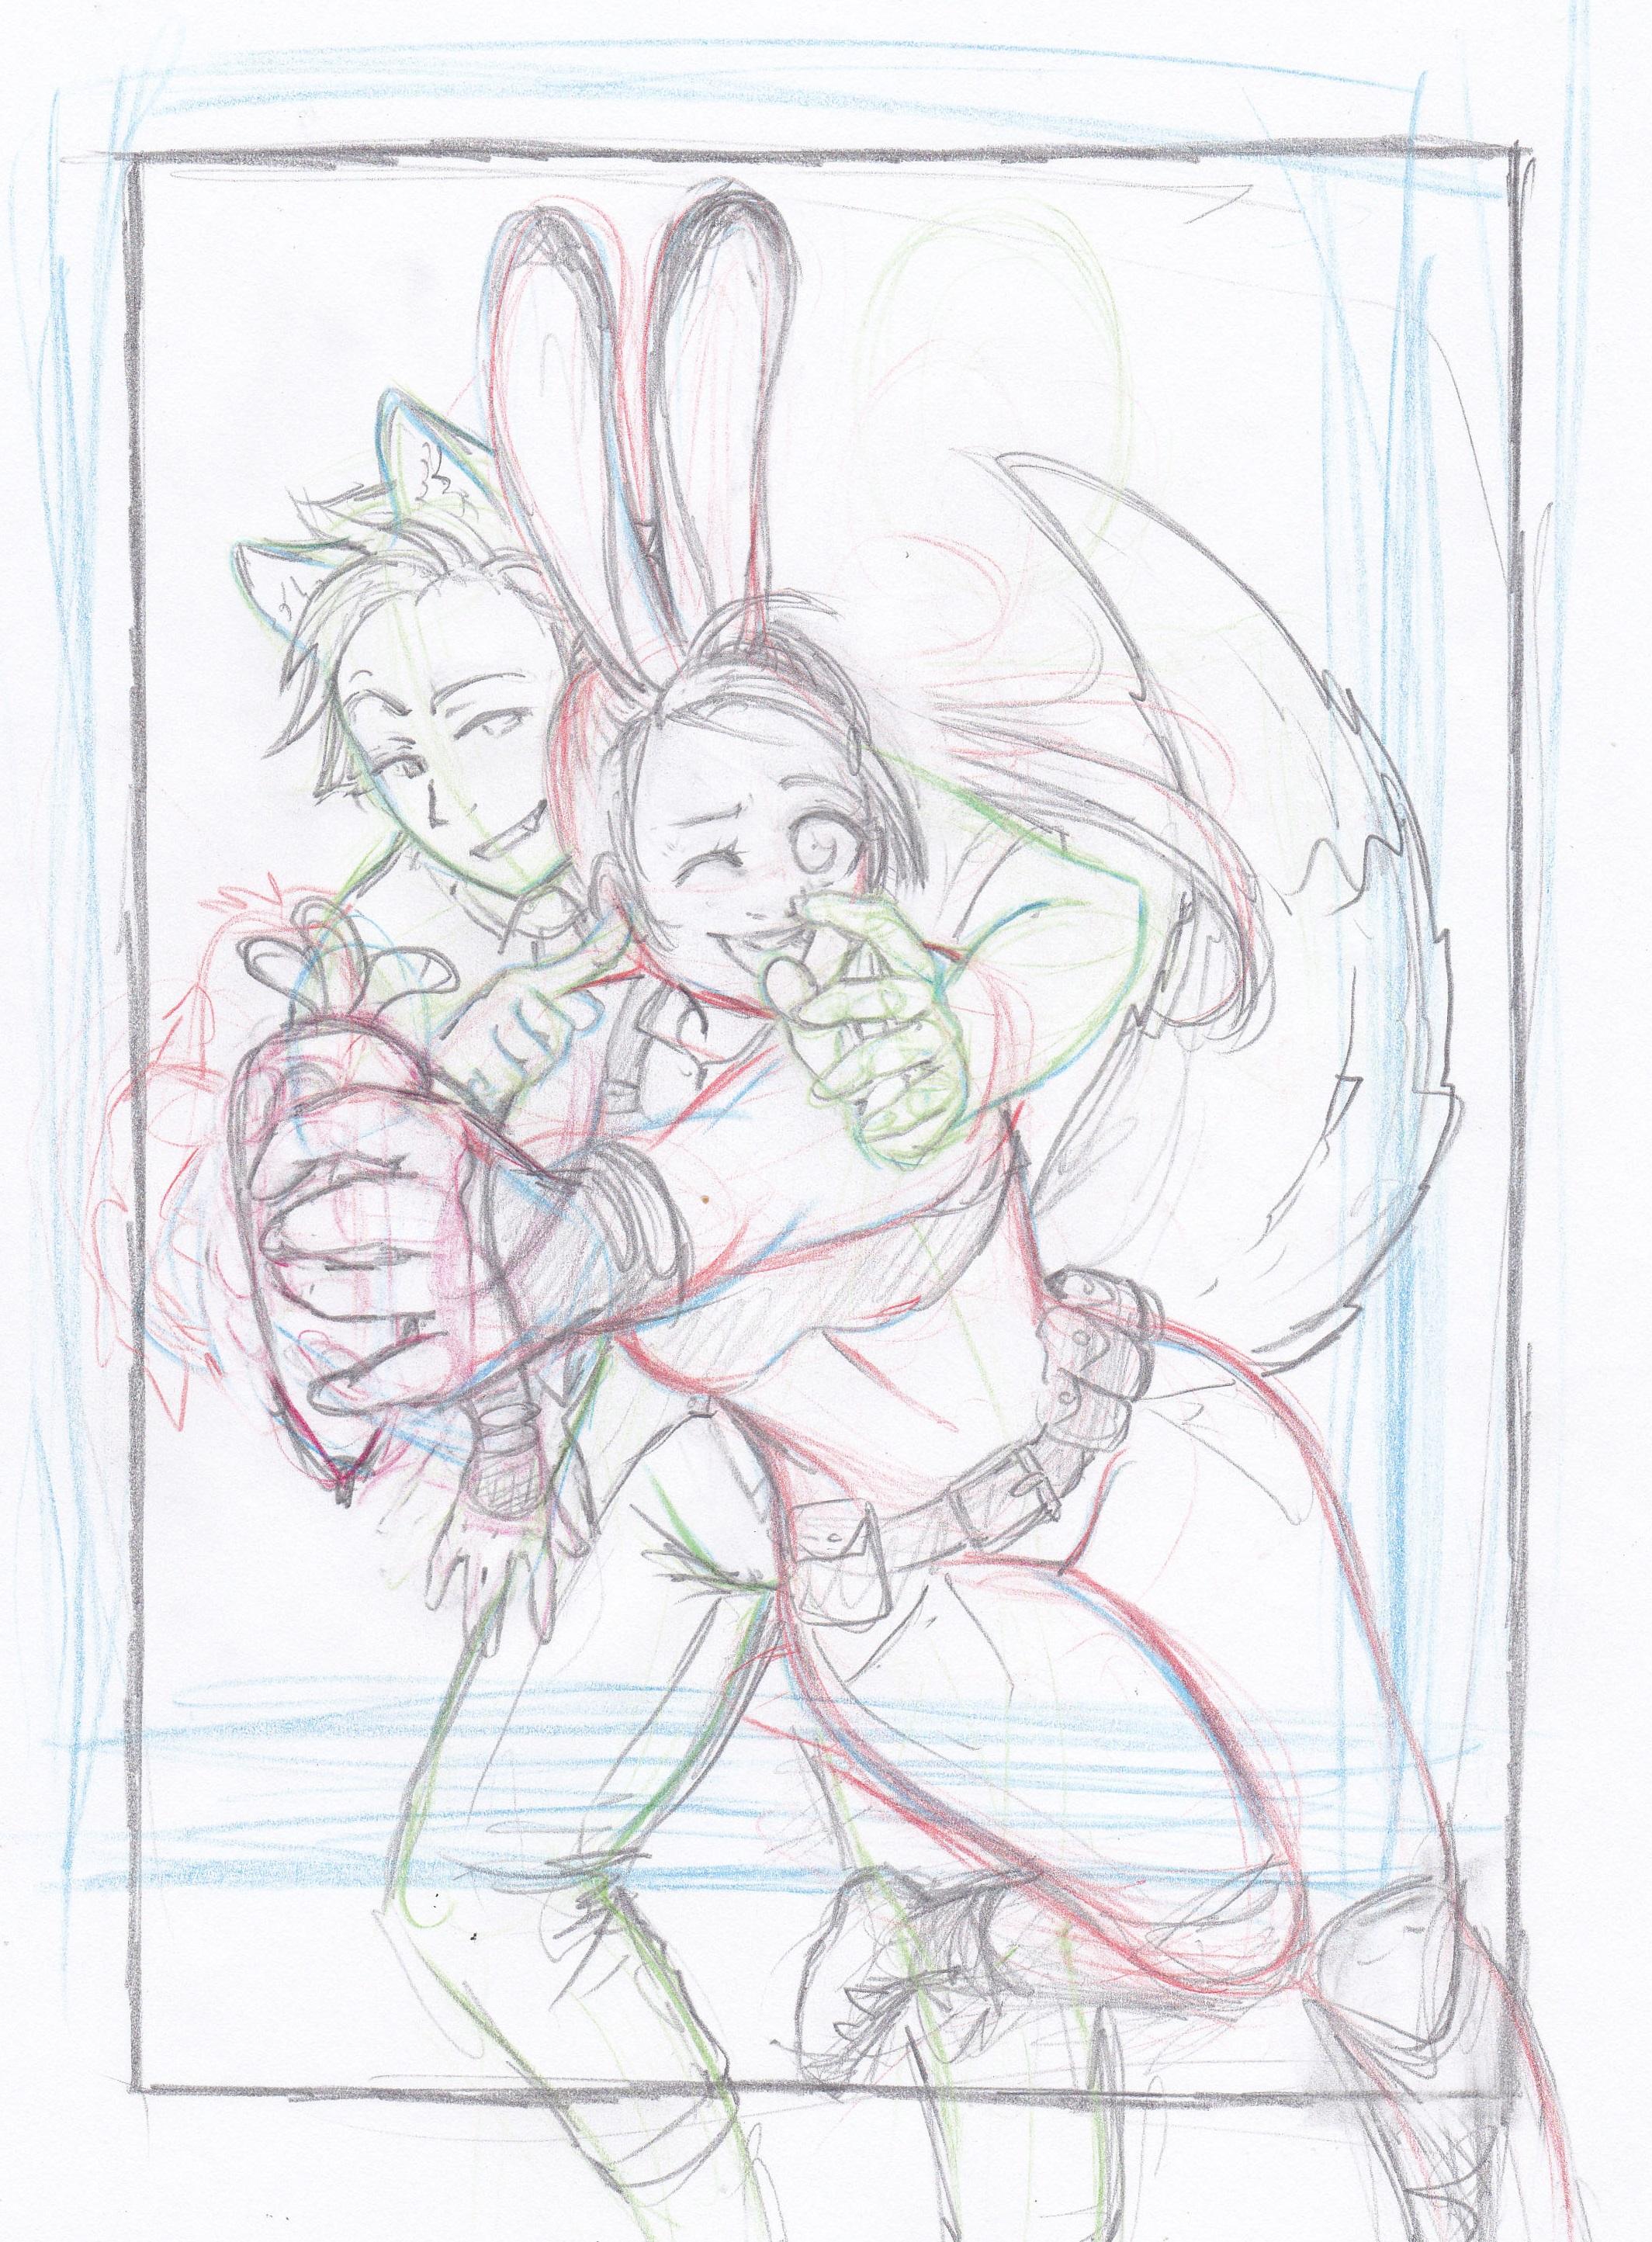 Judy und Nick - Entwicklungsprozess 01